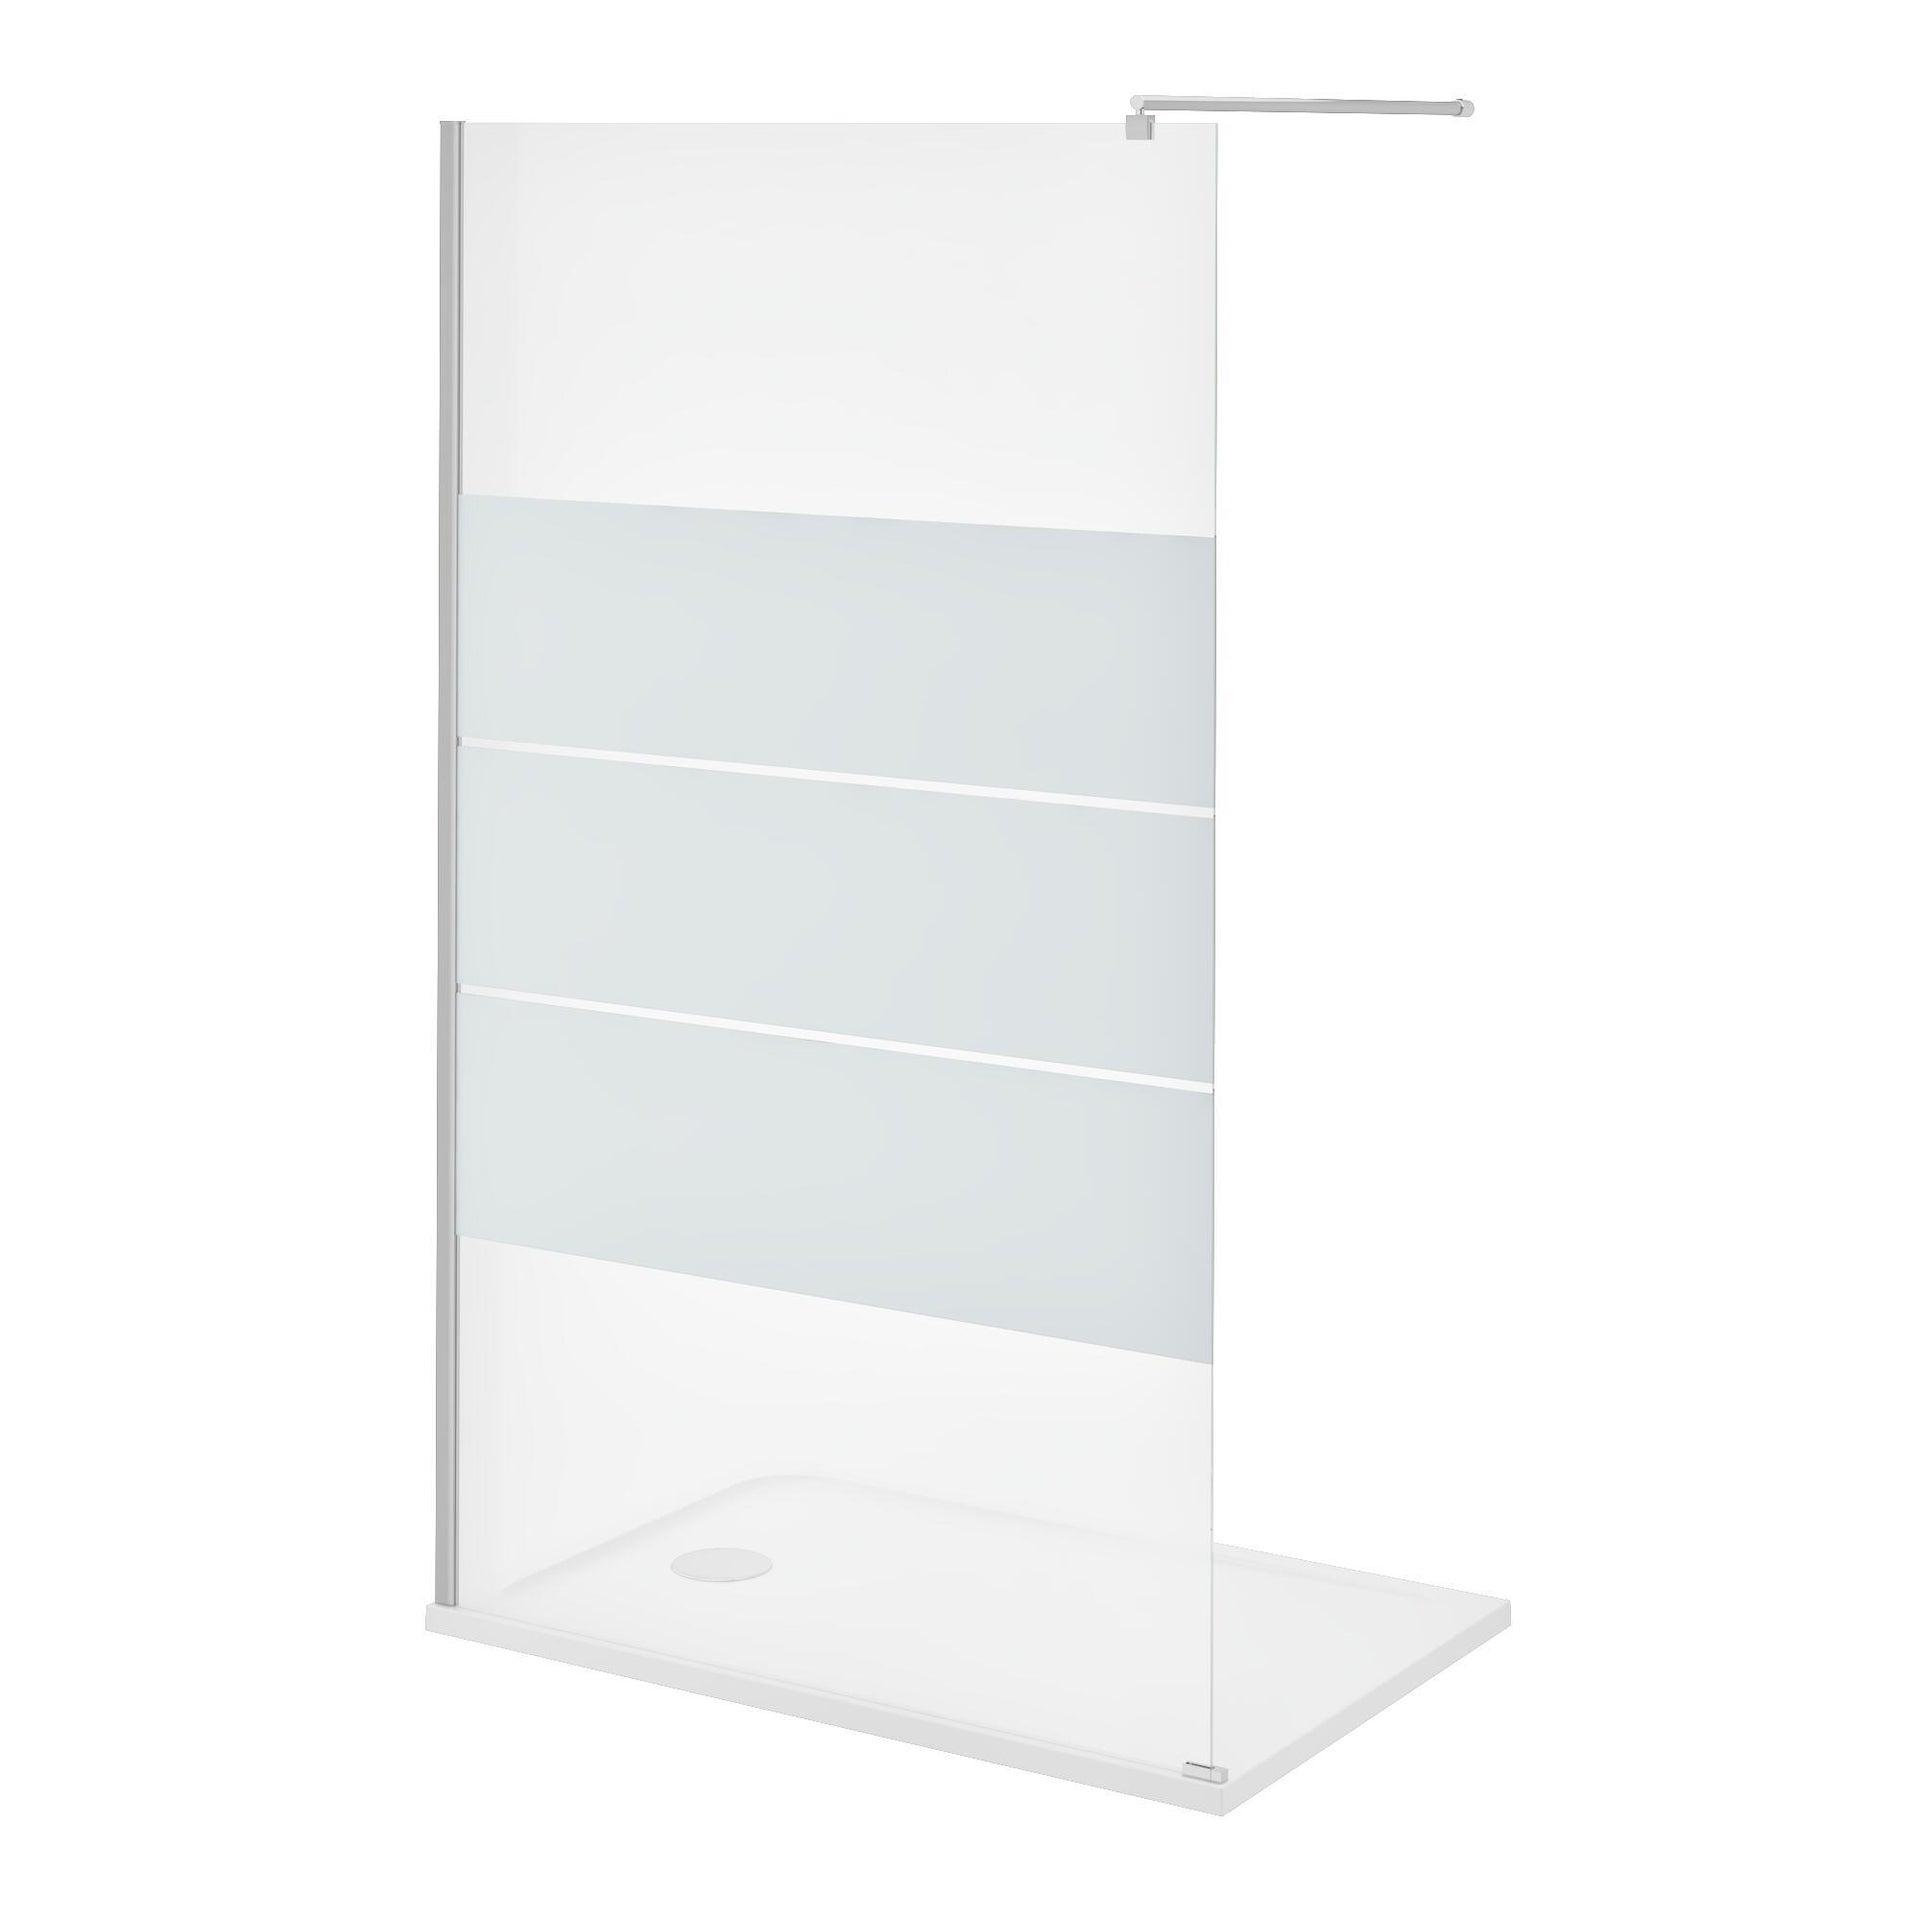 Piatto doccia resina sintetica e polvere di marmo Easy 80 x 120 cm bianco - 10